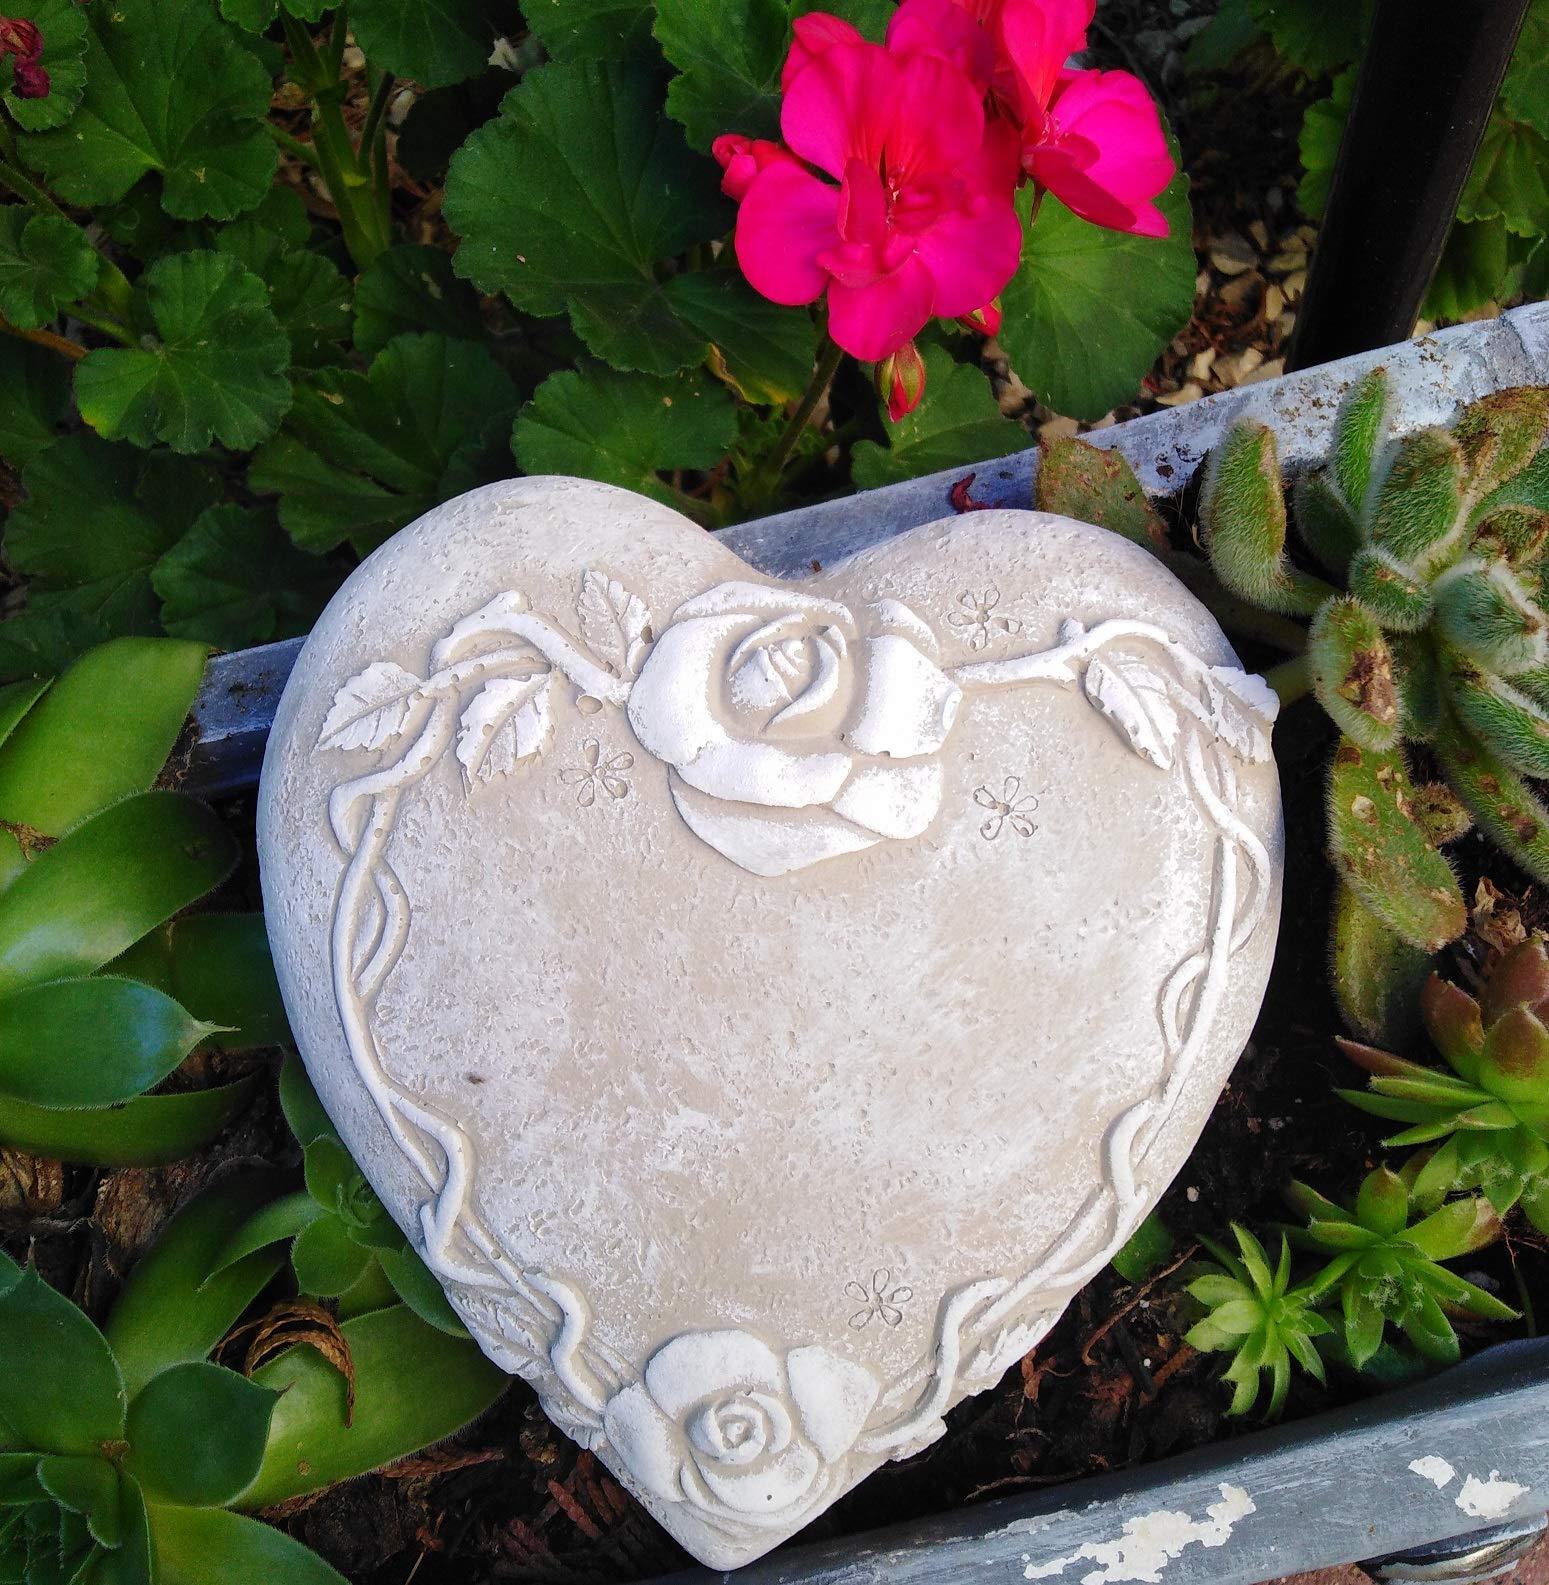 Radami Corazón para Tumba con Rosas, decoración para Tumba, Piedra Conmemorativa, corazón de jardín, Gris/Blanco, 14, 5 cm: Amazon.es: Jardín